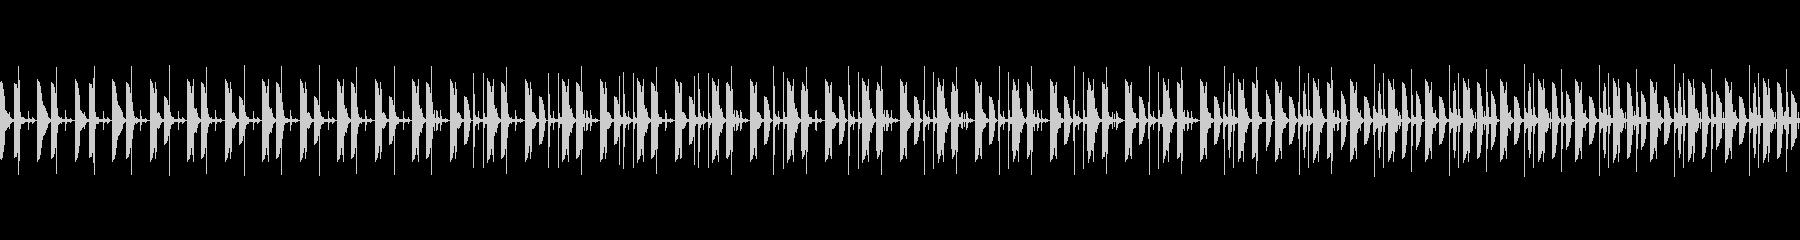 忍びこむドラムループ03の未再生の波形